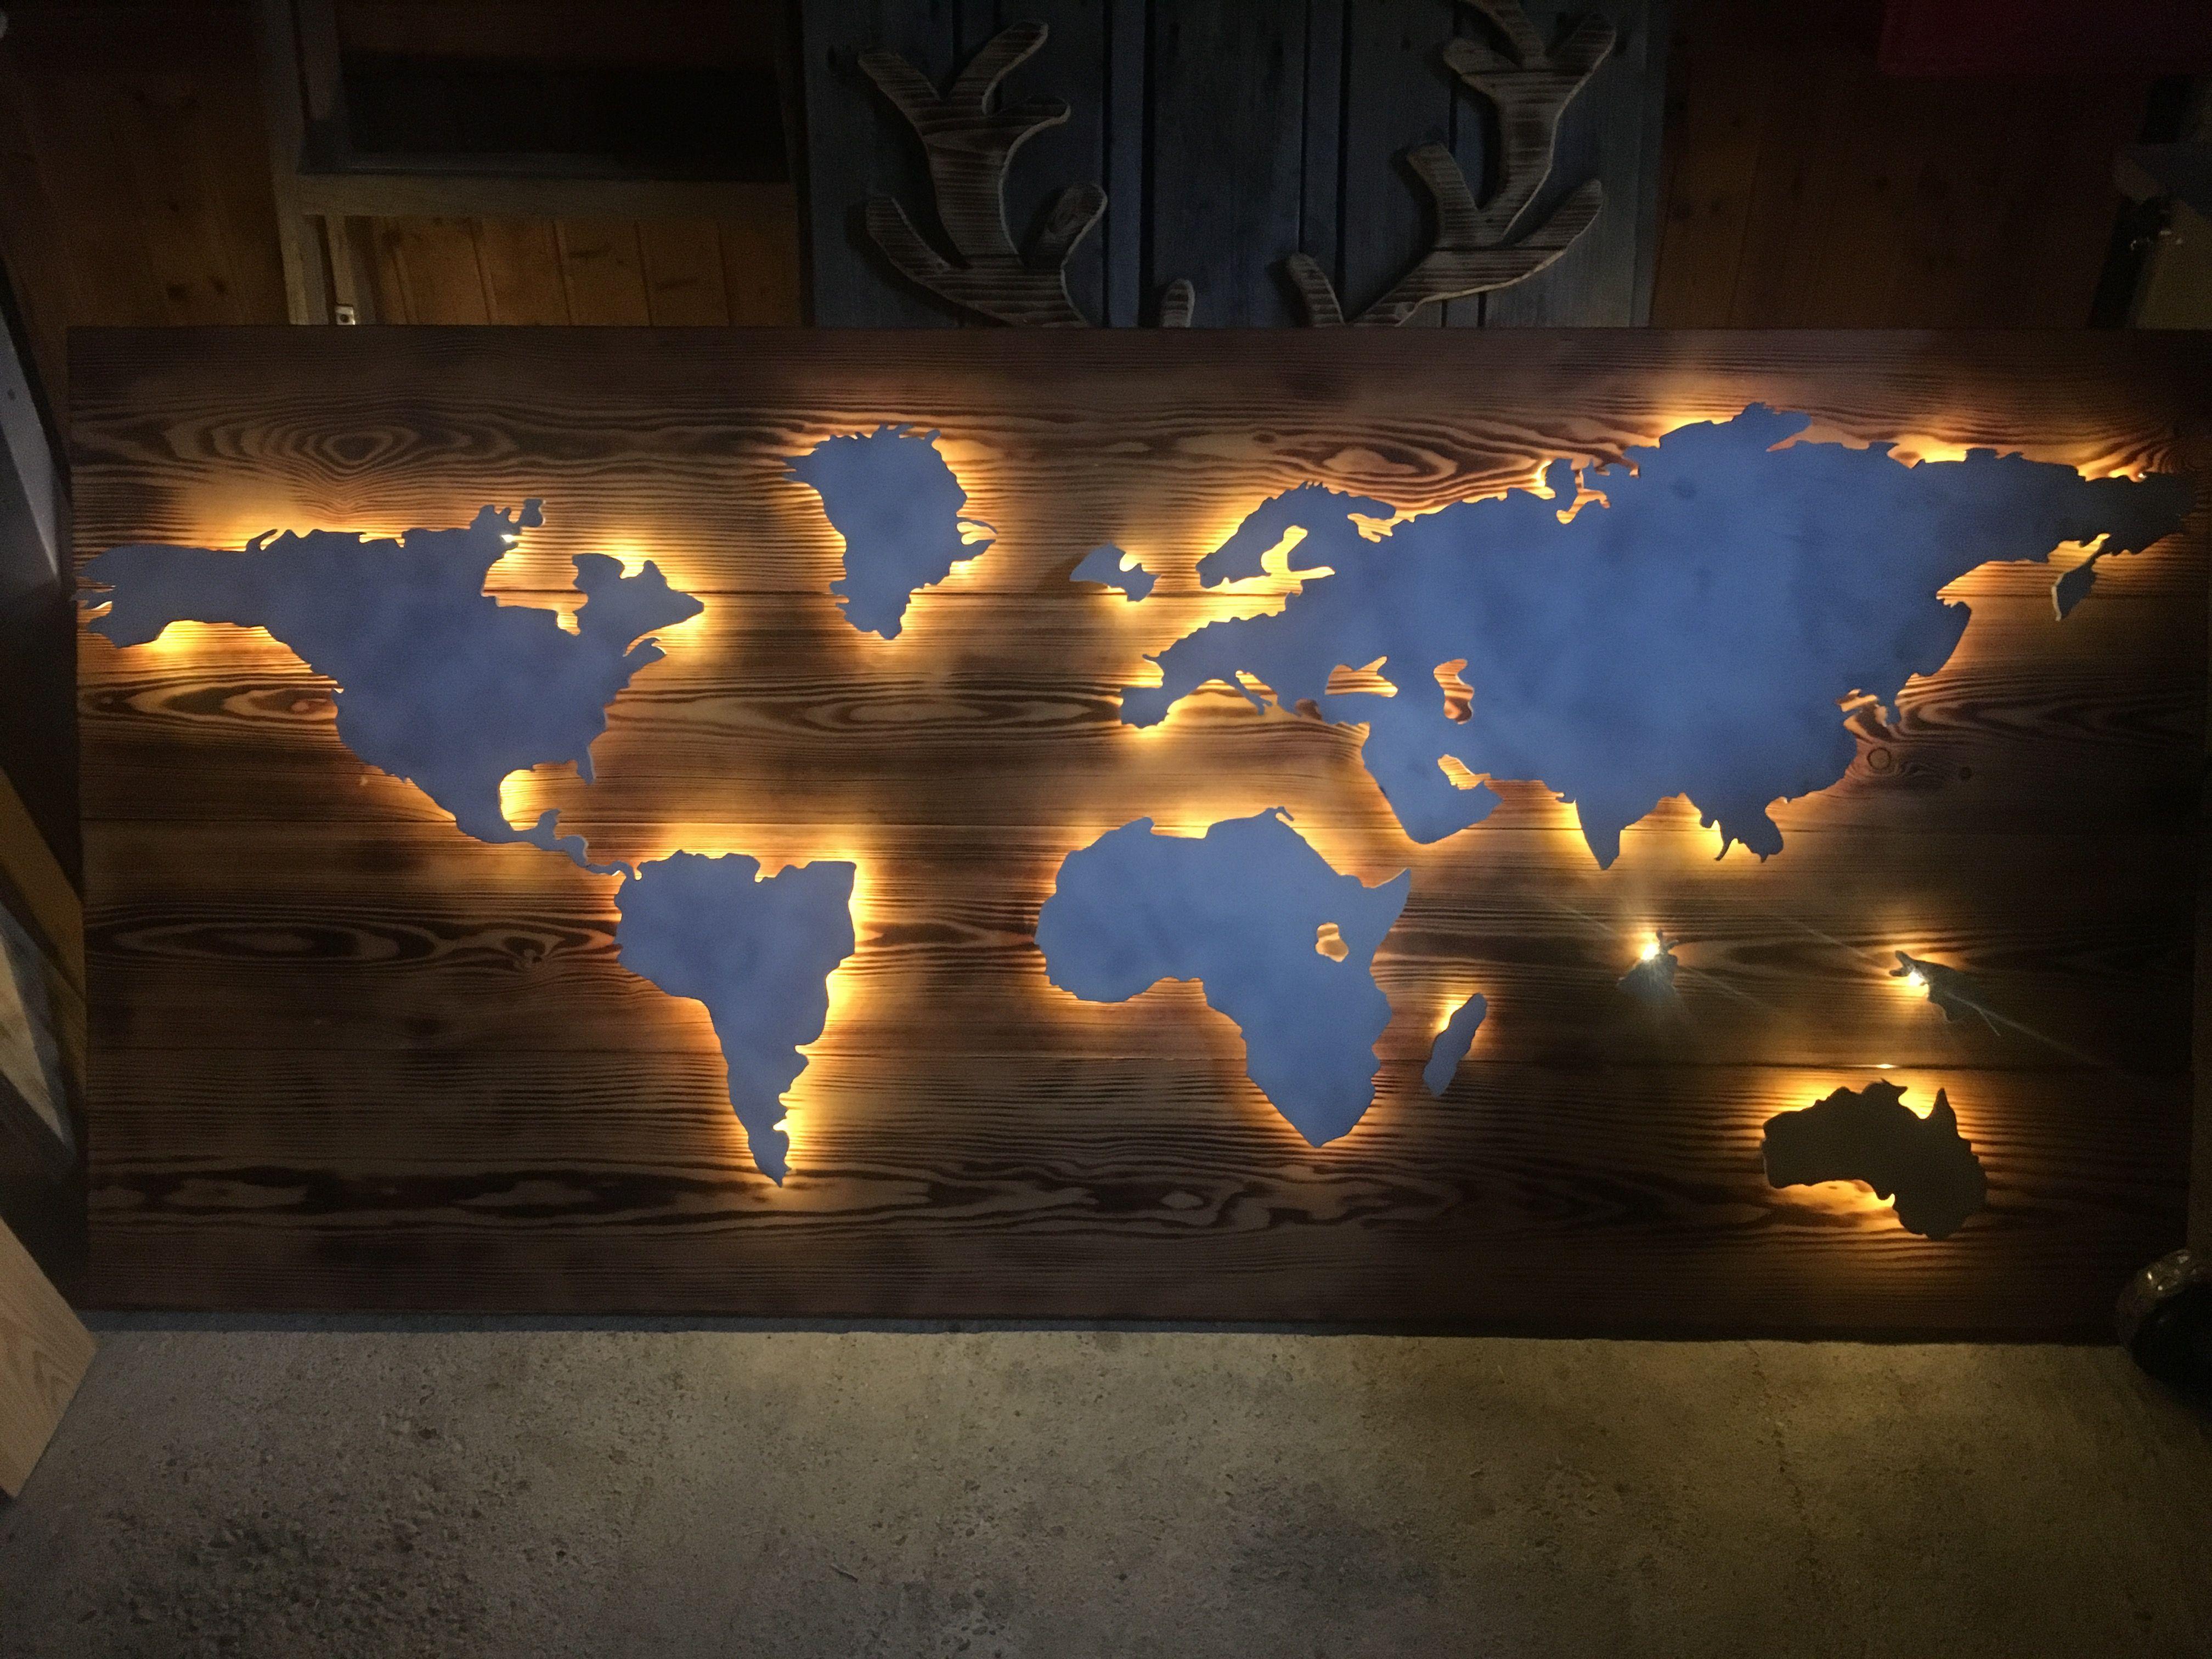 Welkarte Aus Holz Mit Magnethalterung Und Led Beleuchtung Led Beleuchtung Beleuchtung Led